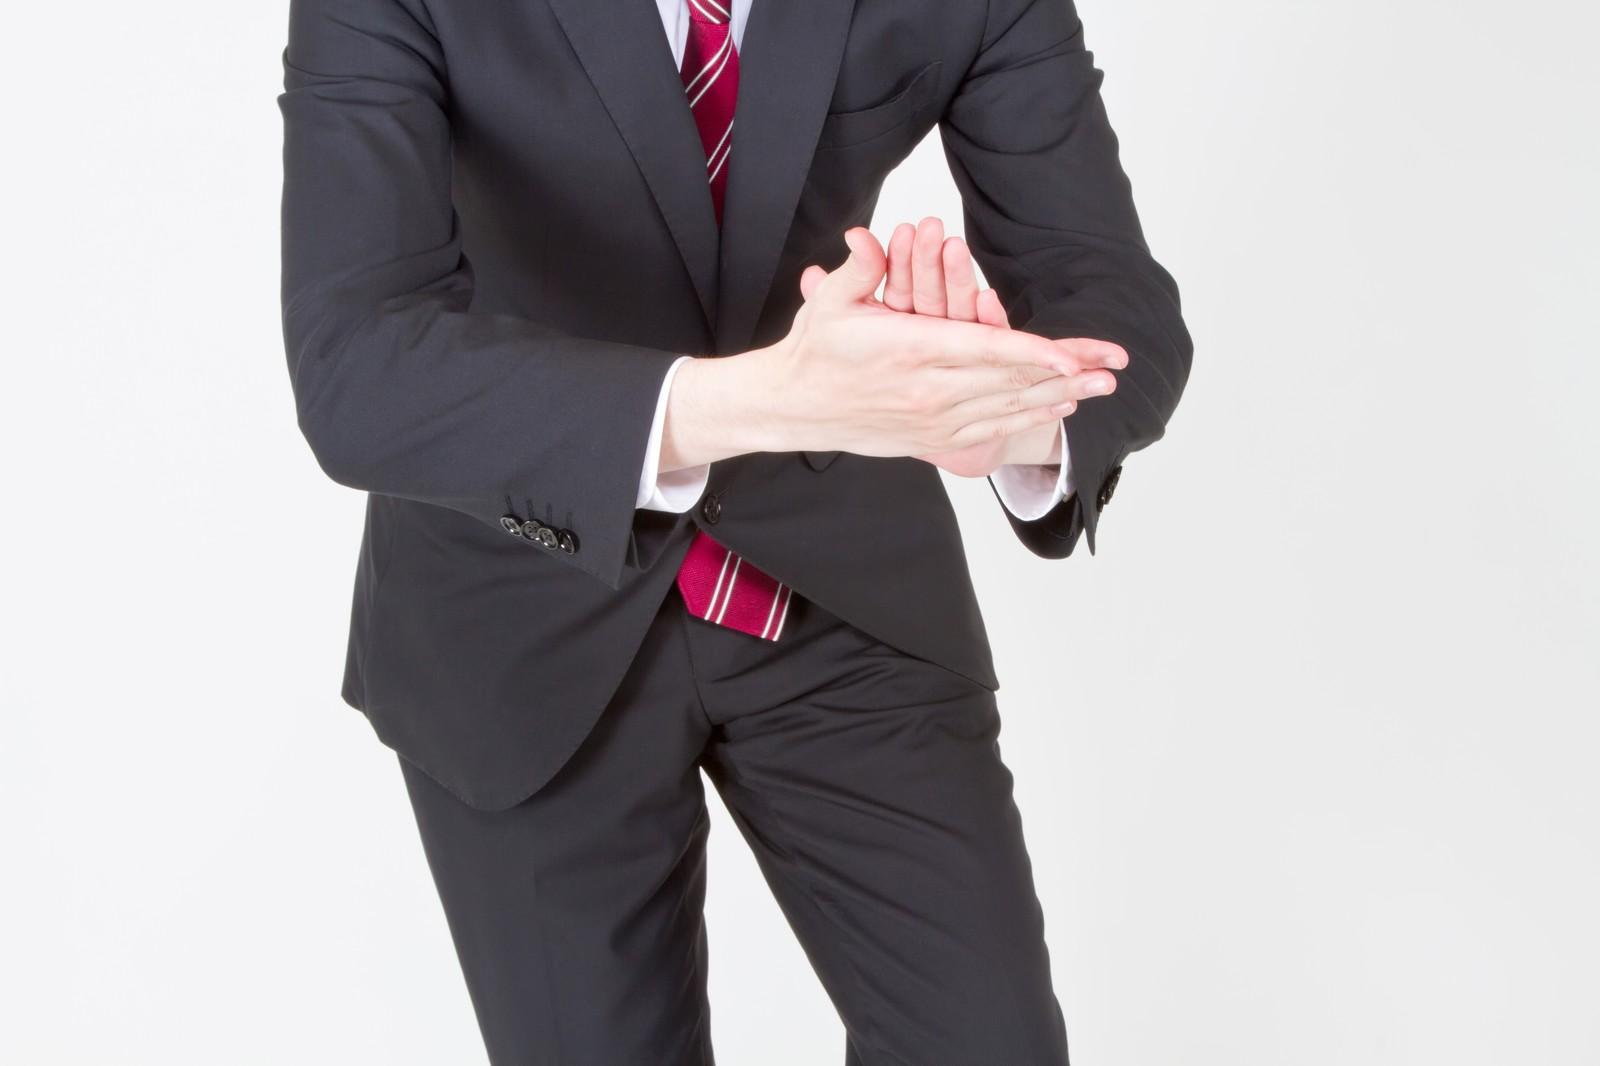 八方美人な男の心理と特徴まとめ!誰にでも優しい性格は嫌われる?のサムネイル画像